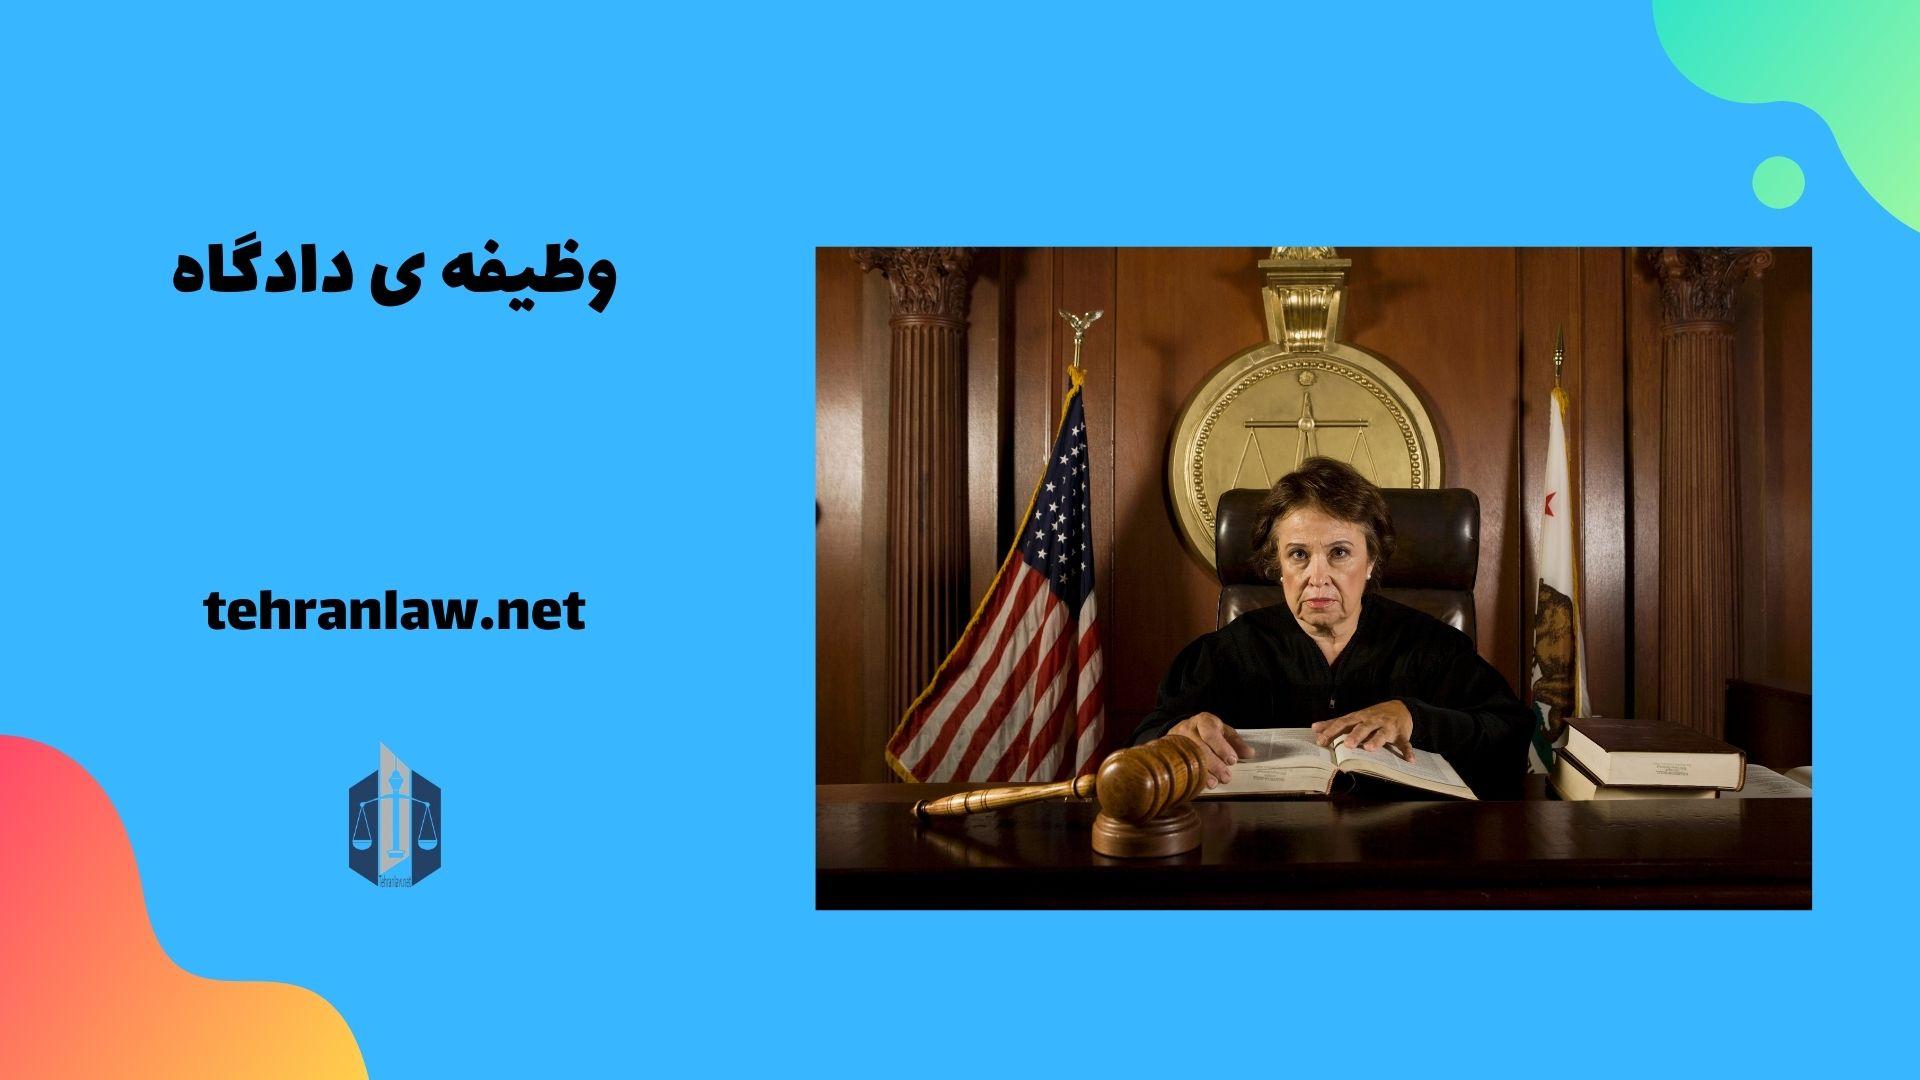 وظیفه ی دادگاه